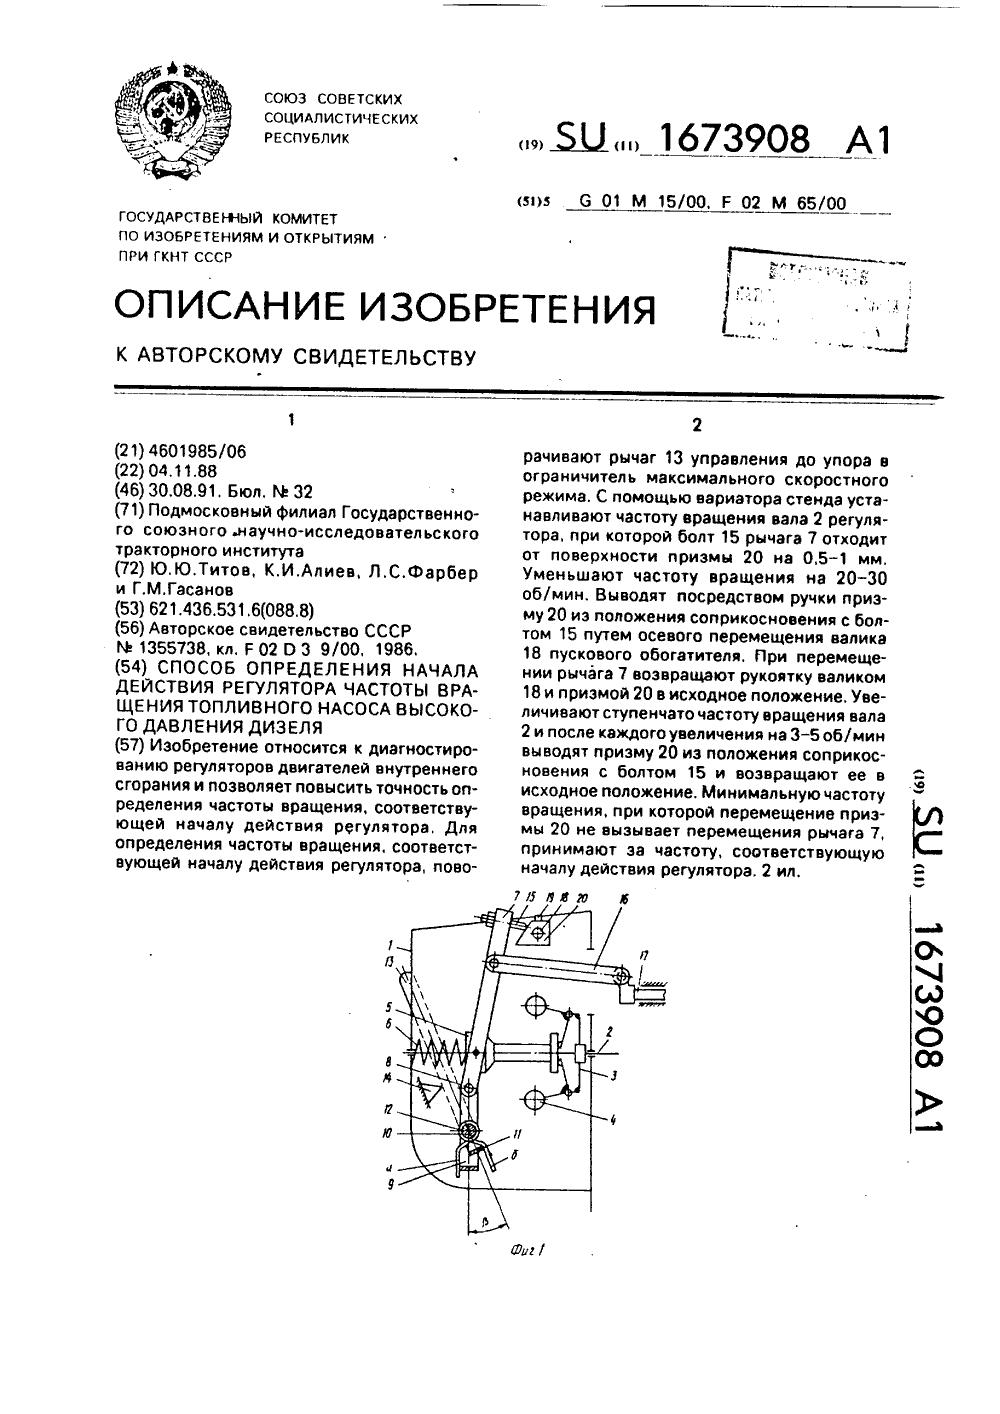 эл. схема стенда топливной насос